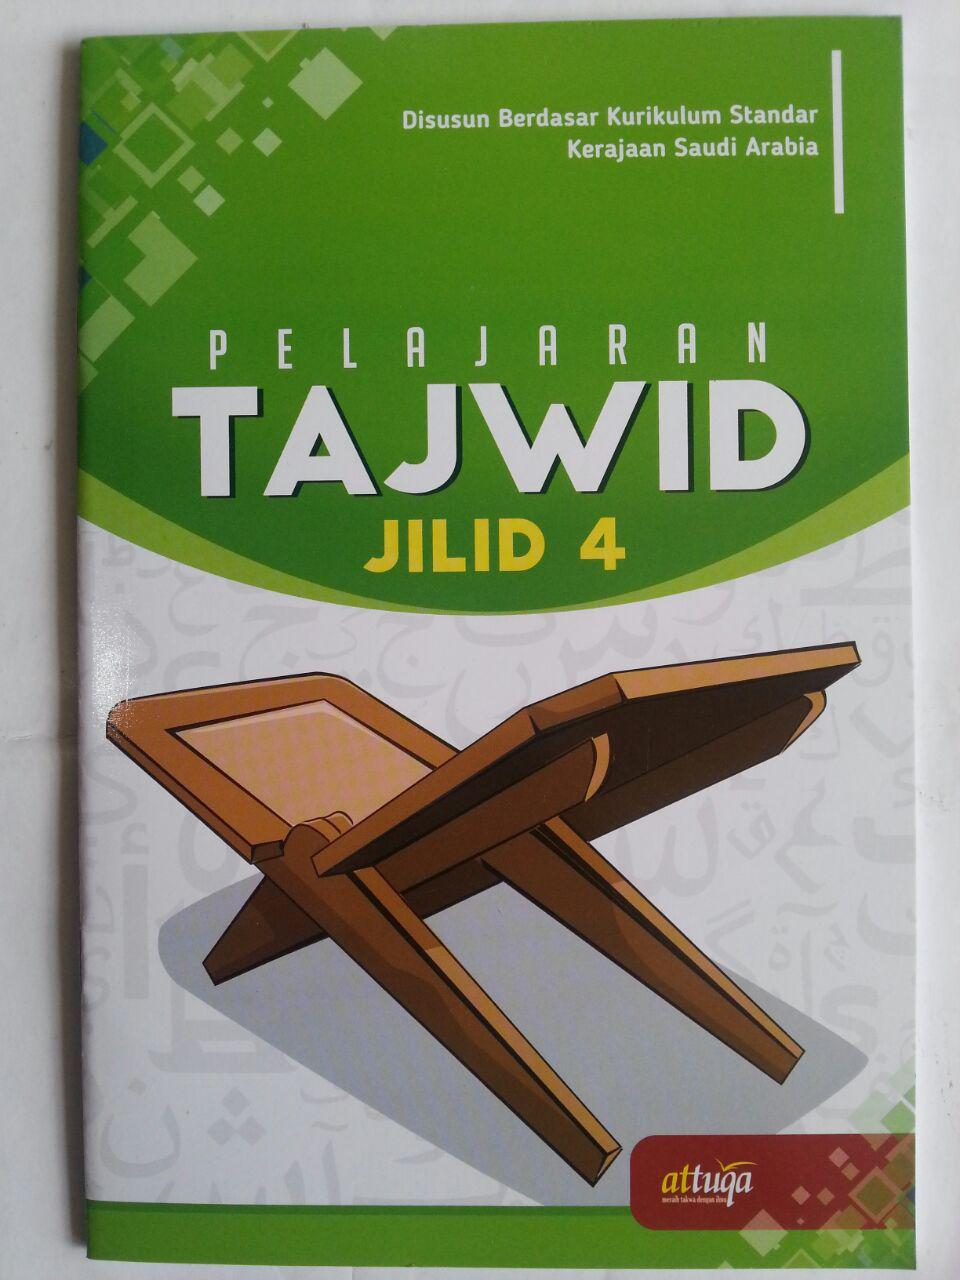 Buku Pelajaran Tajwid Berdasar Kurikulum Saudi Arabia Jilid 4 cover 2